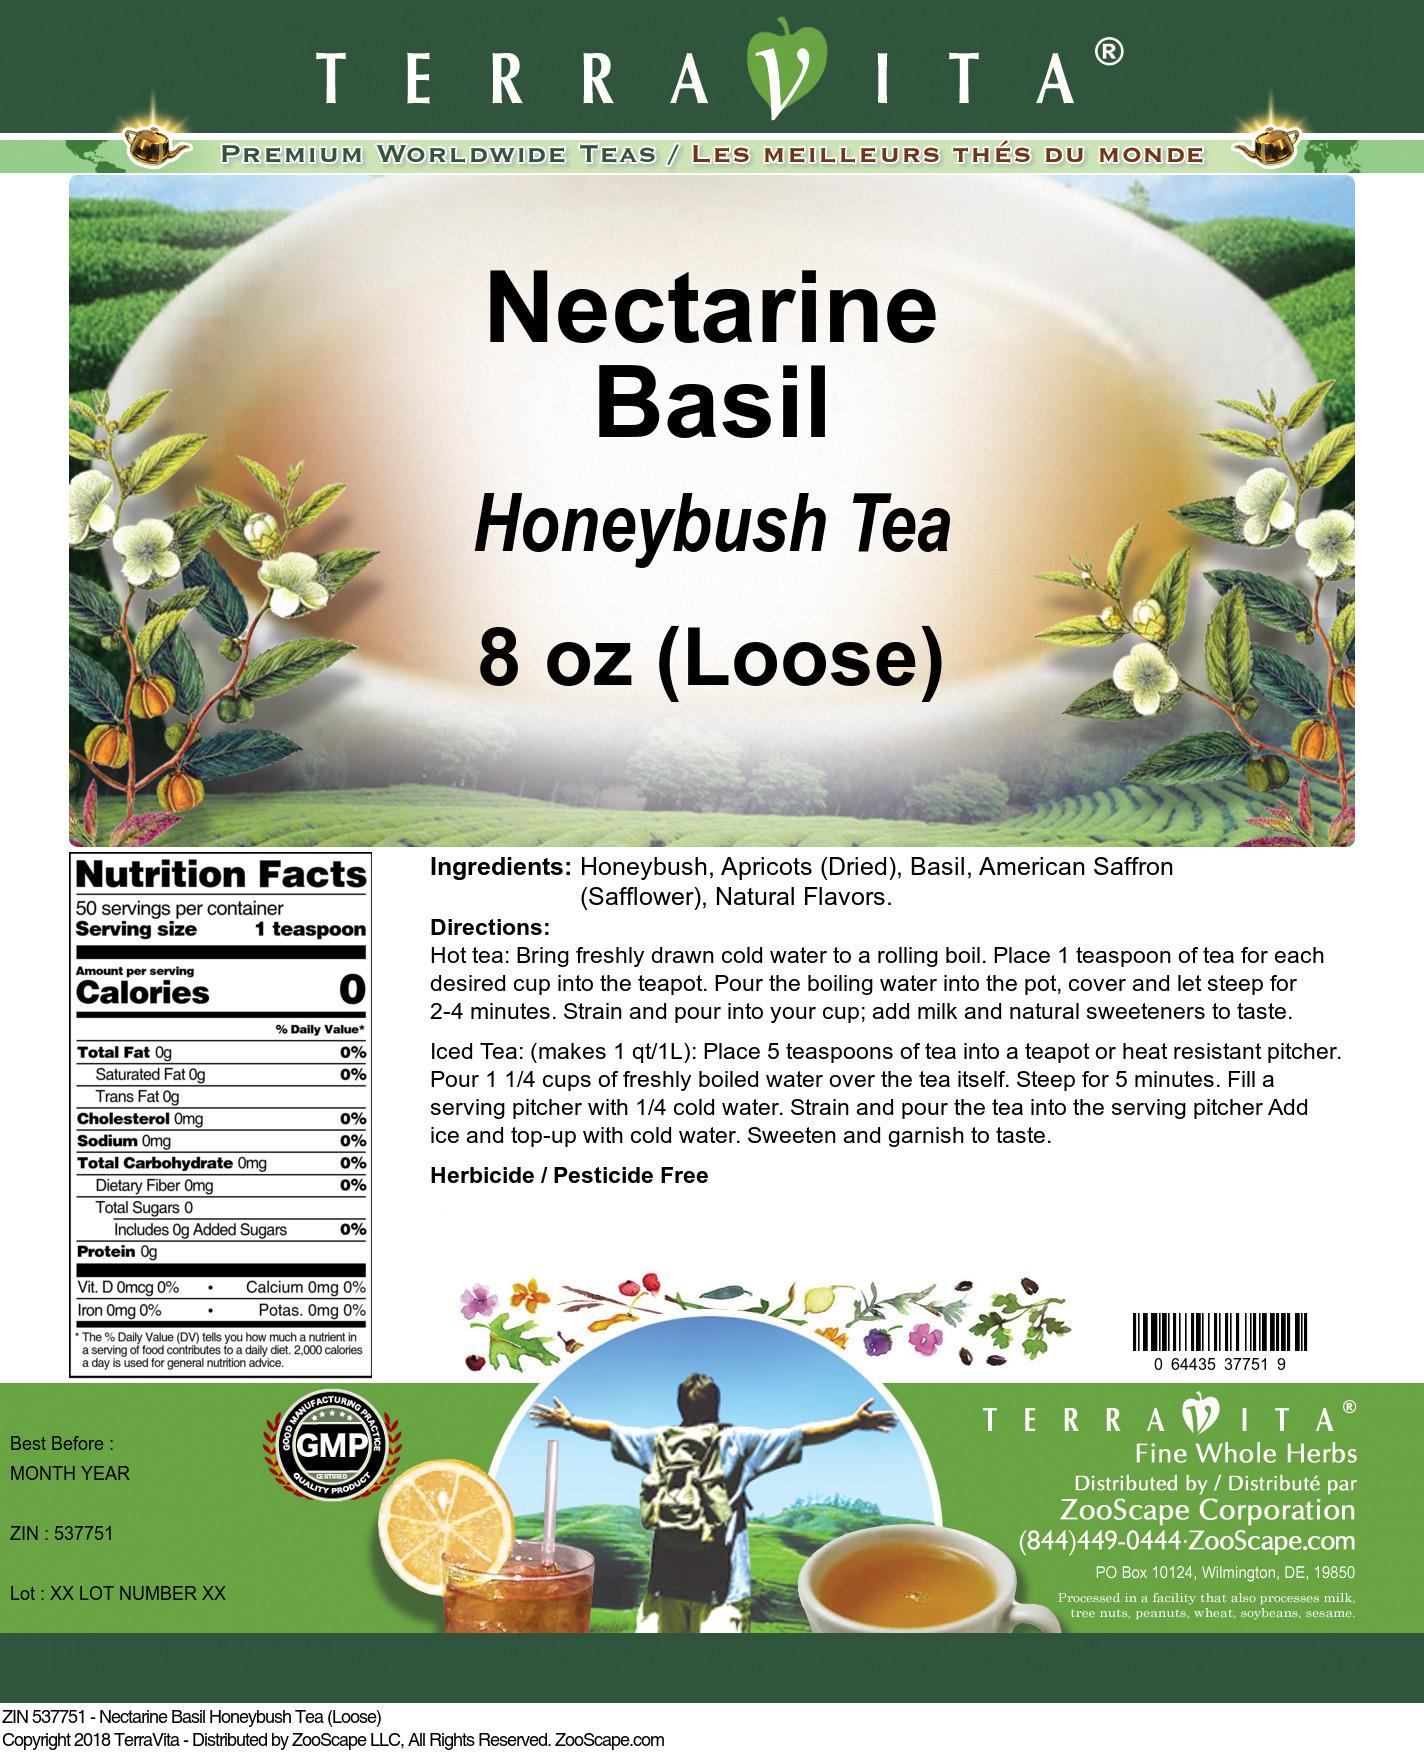 Nectarine Basil Honeybush Tea (Loose)